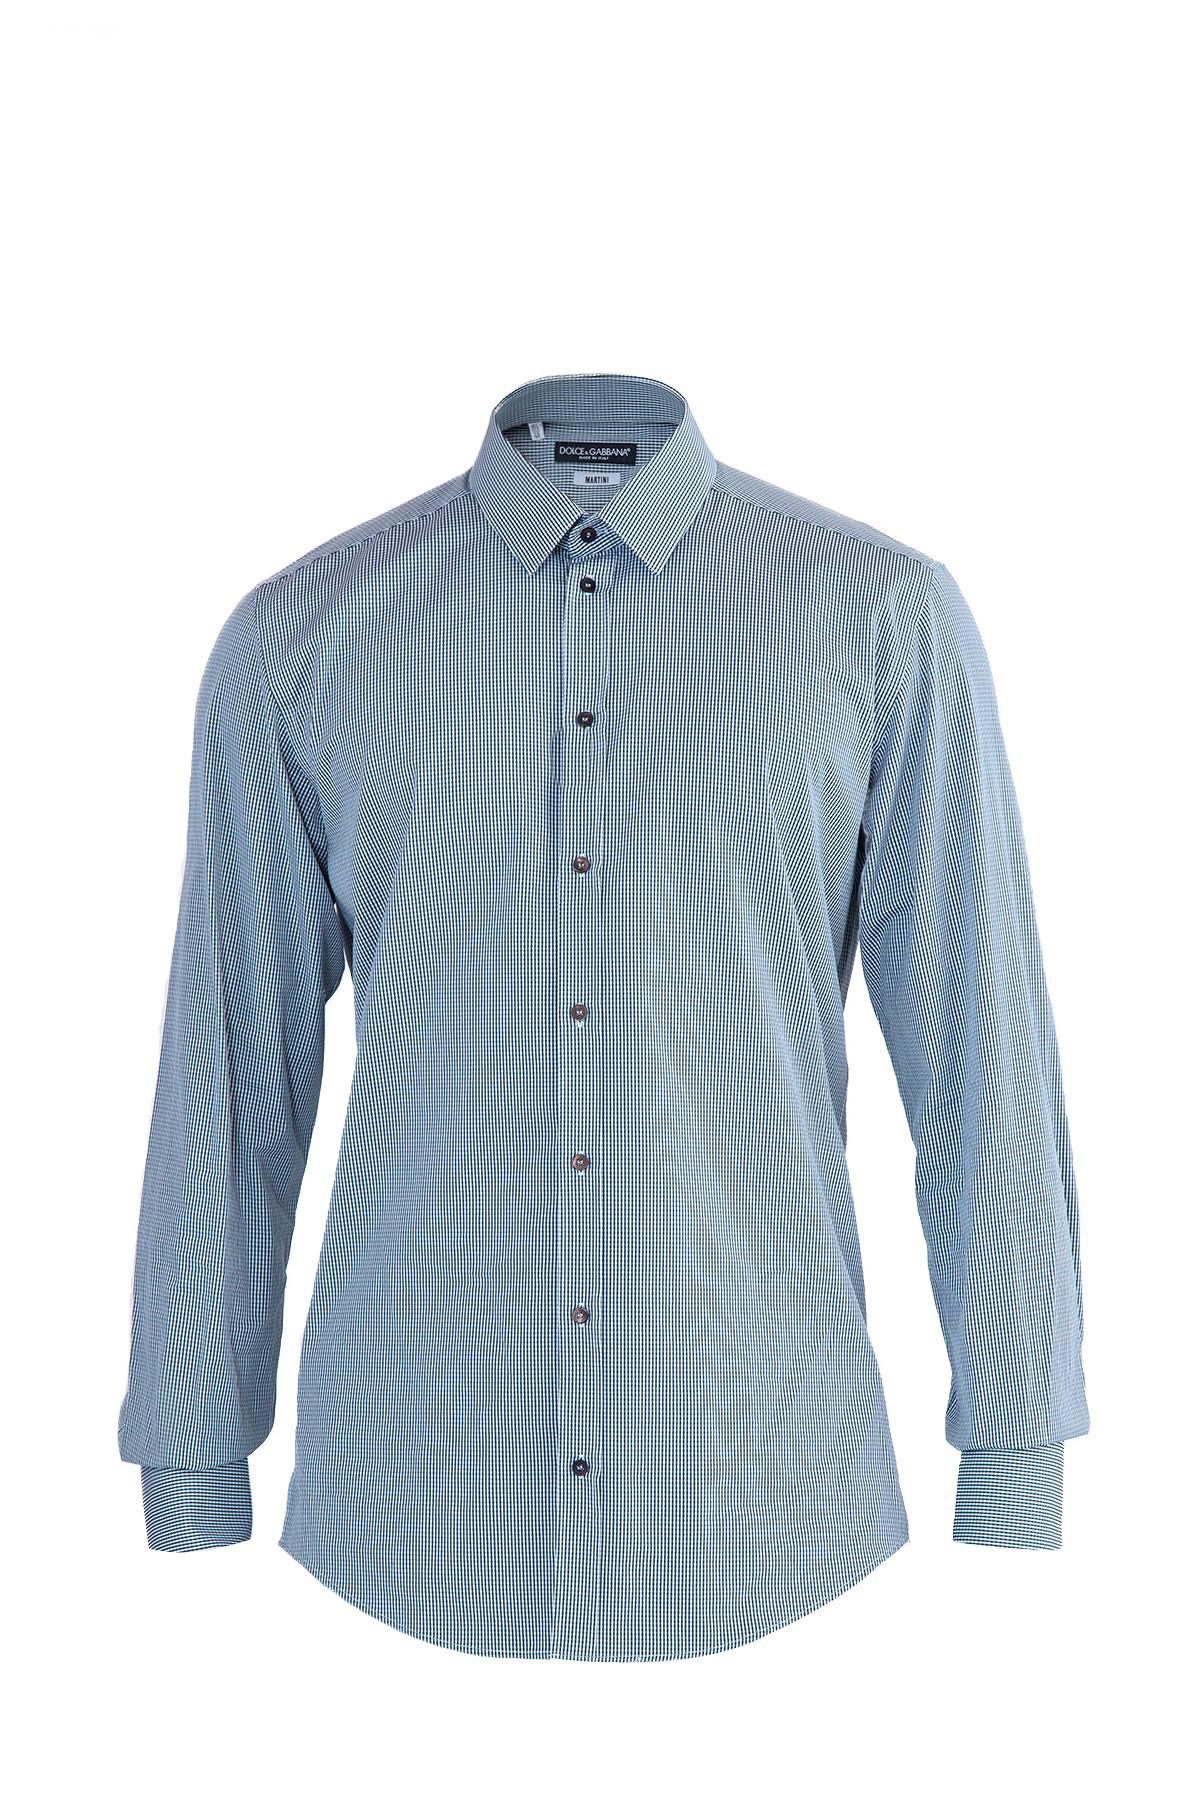 Купить Рубашка, DOLCE&GABBANA, Италия, хлопок 100%